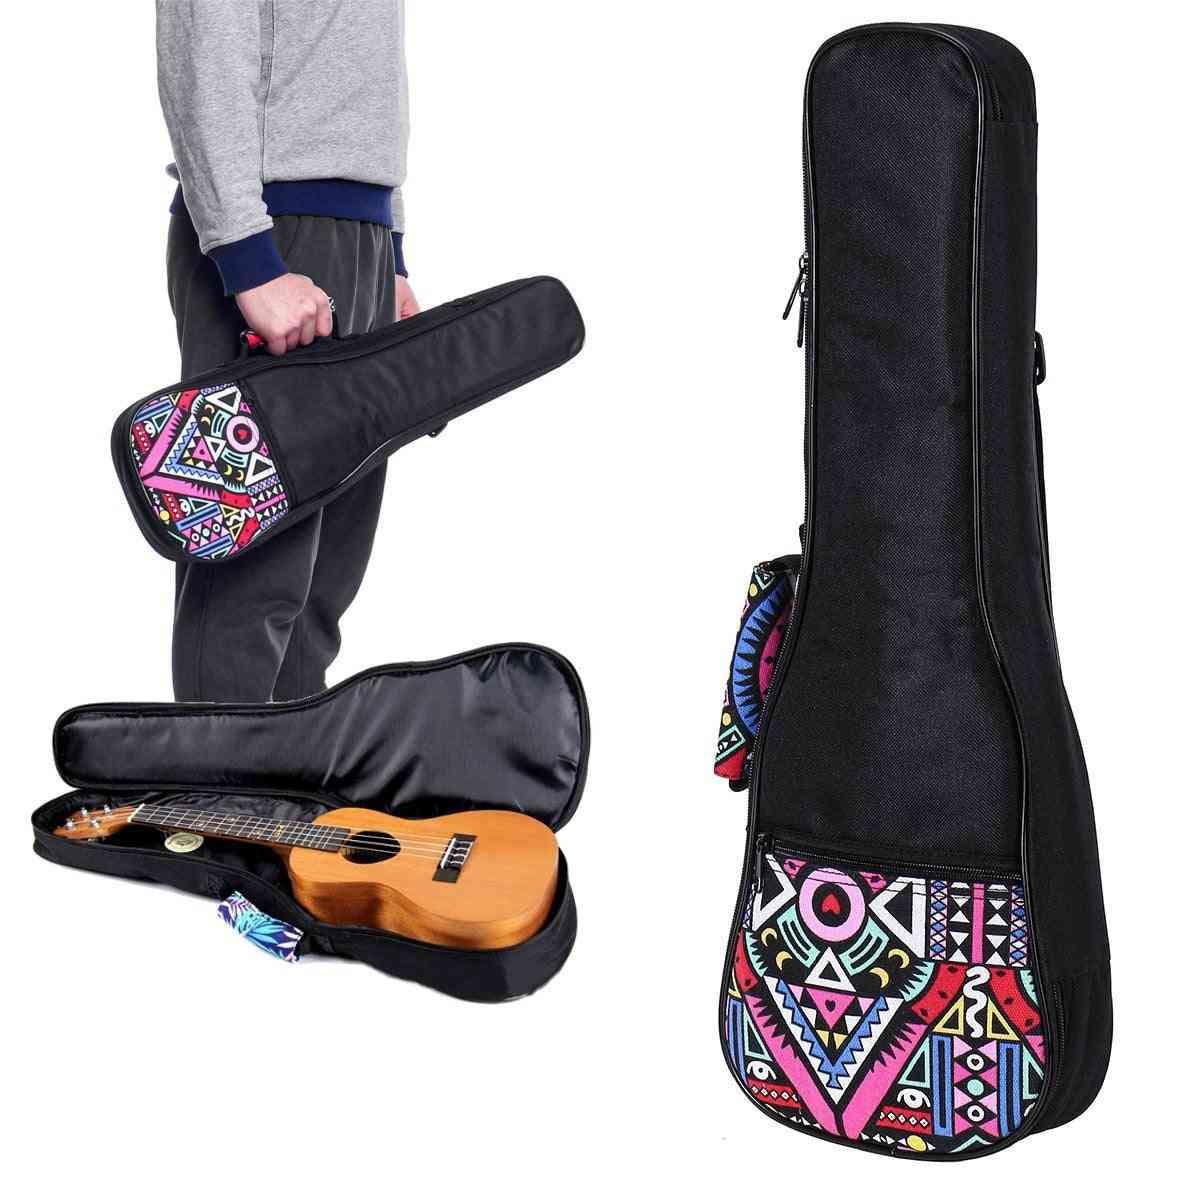 Portable Padded Ukulele Bag